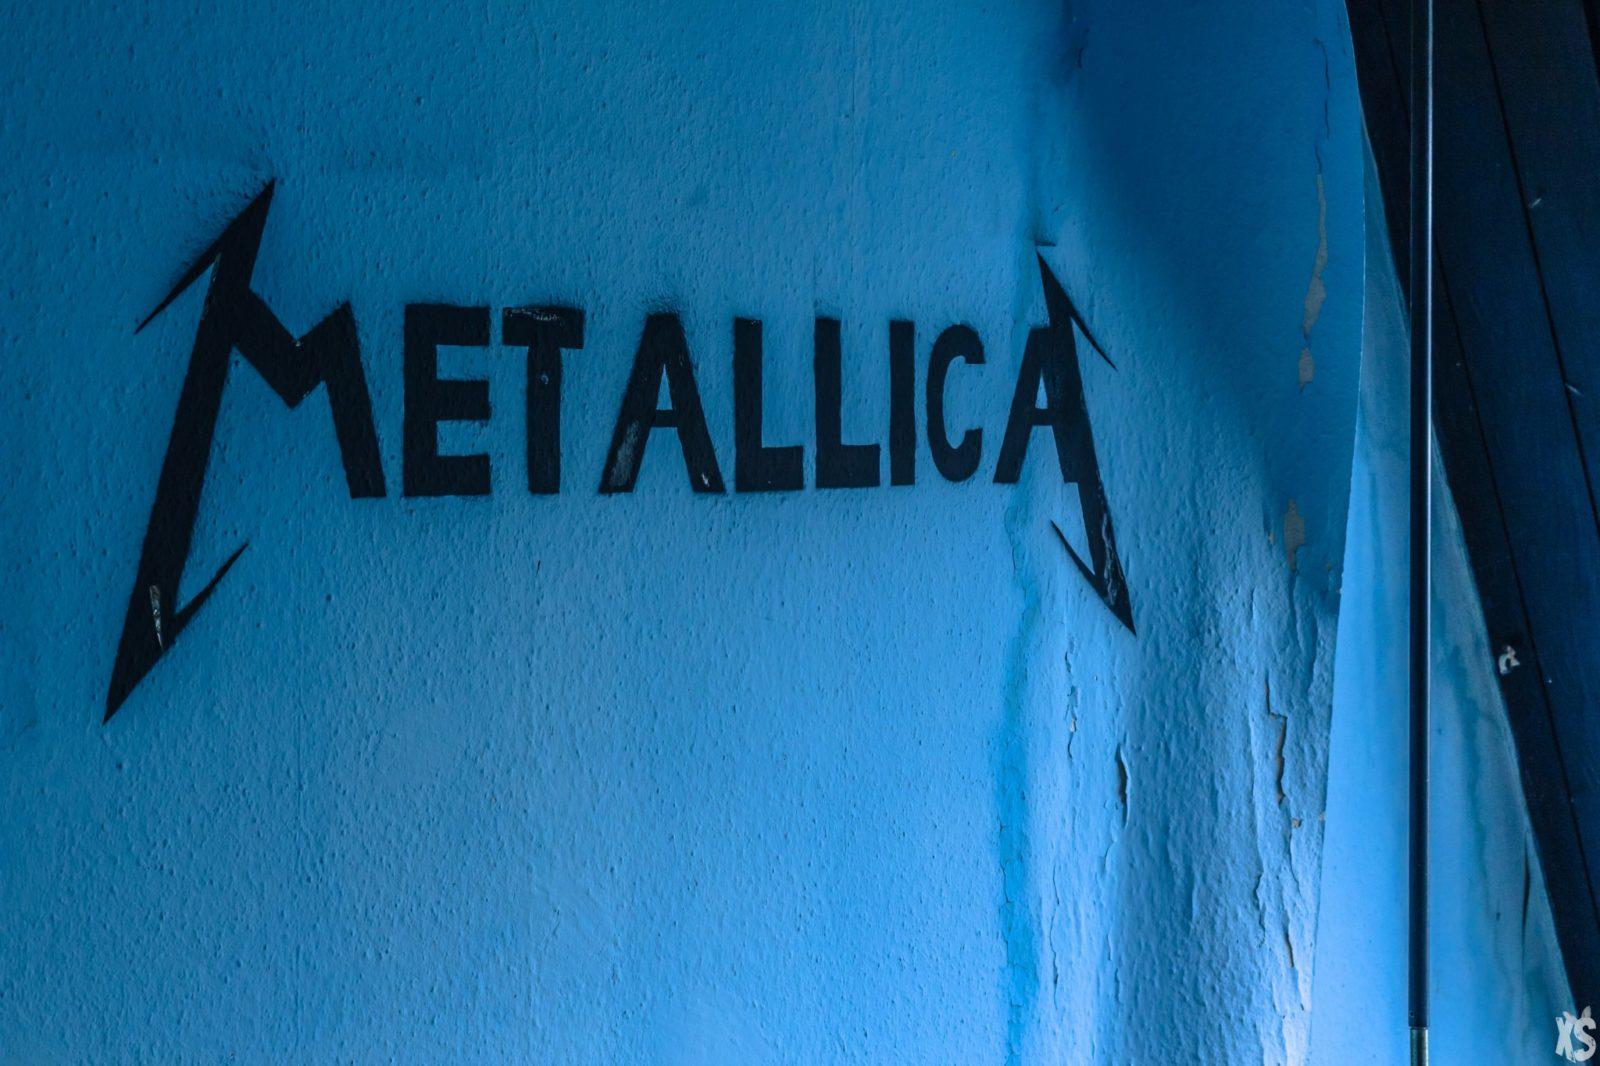 rentre ecole faculte universite lieuxabandonnes urbex explorationurbaine graffiti maternelle marceau radar allurbanmakers urbexsession vinkopintarik metallica graffiti - De la maternelle à la fac, découvrez les plus belles écoles abandonnées !